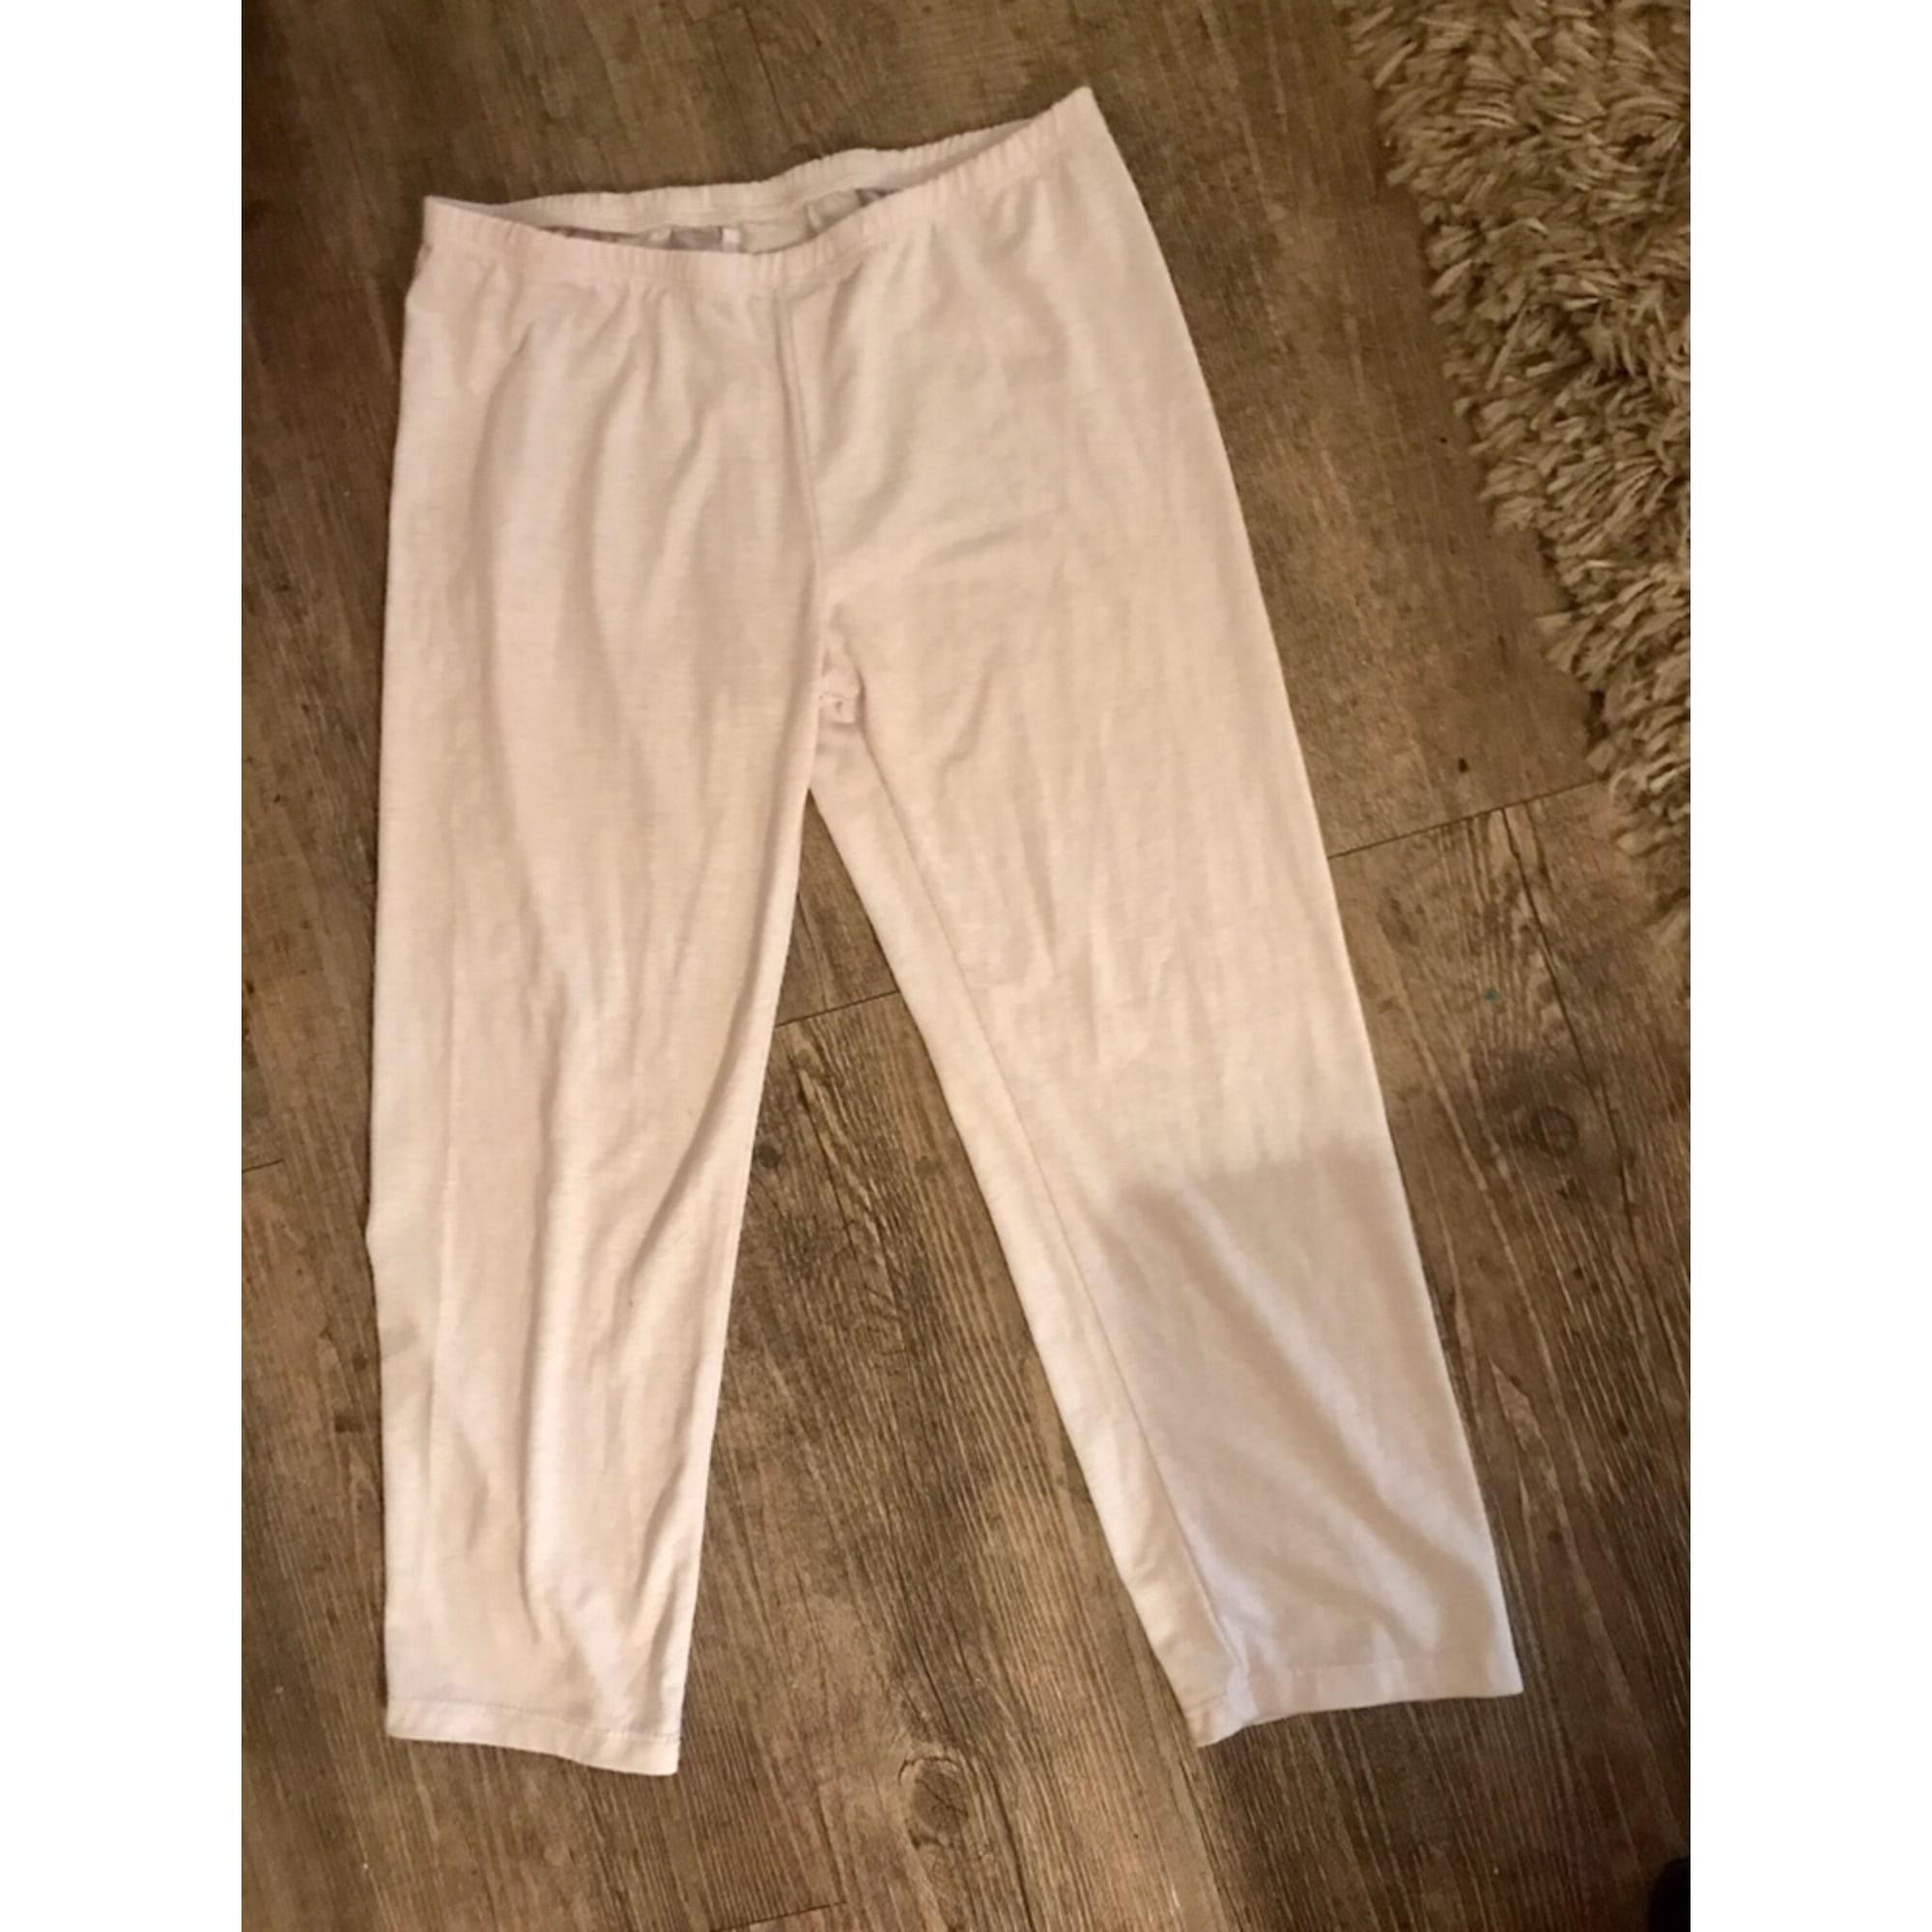 Pantacourt, corsaire H&M Blanc, blanc cassé, écru